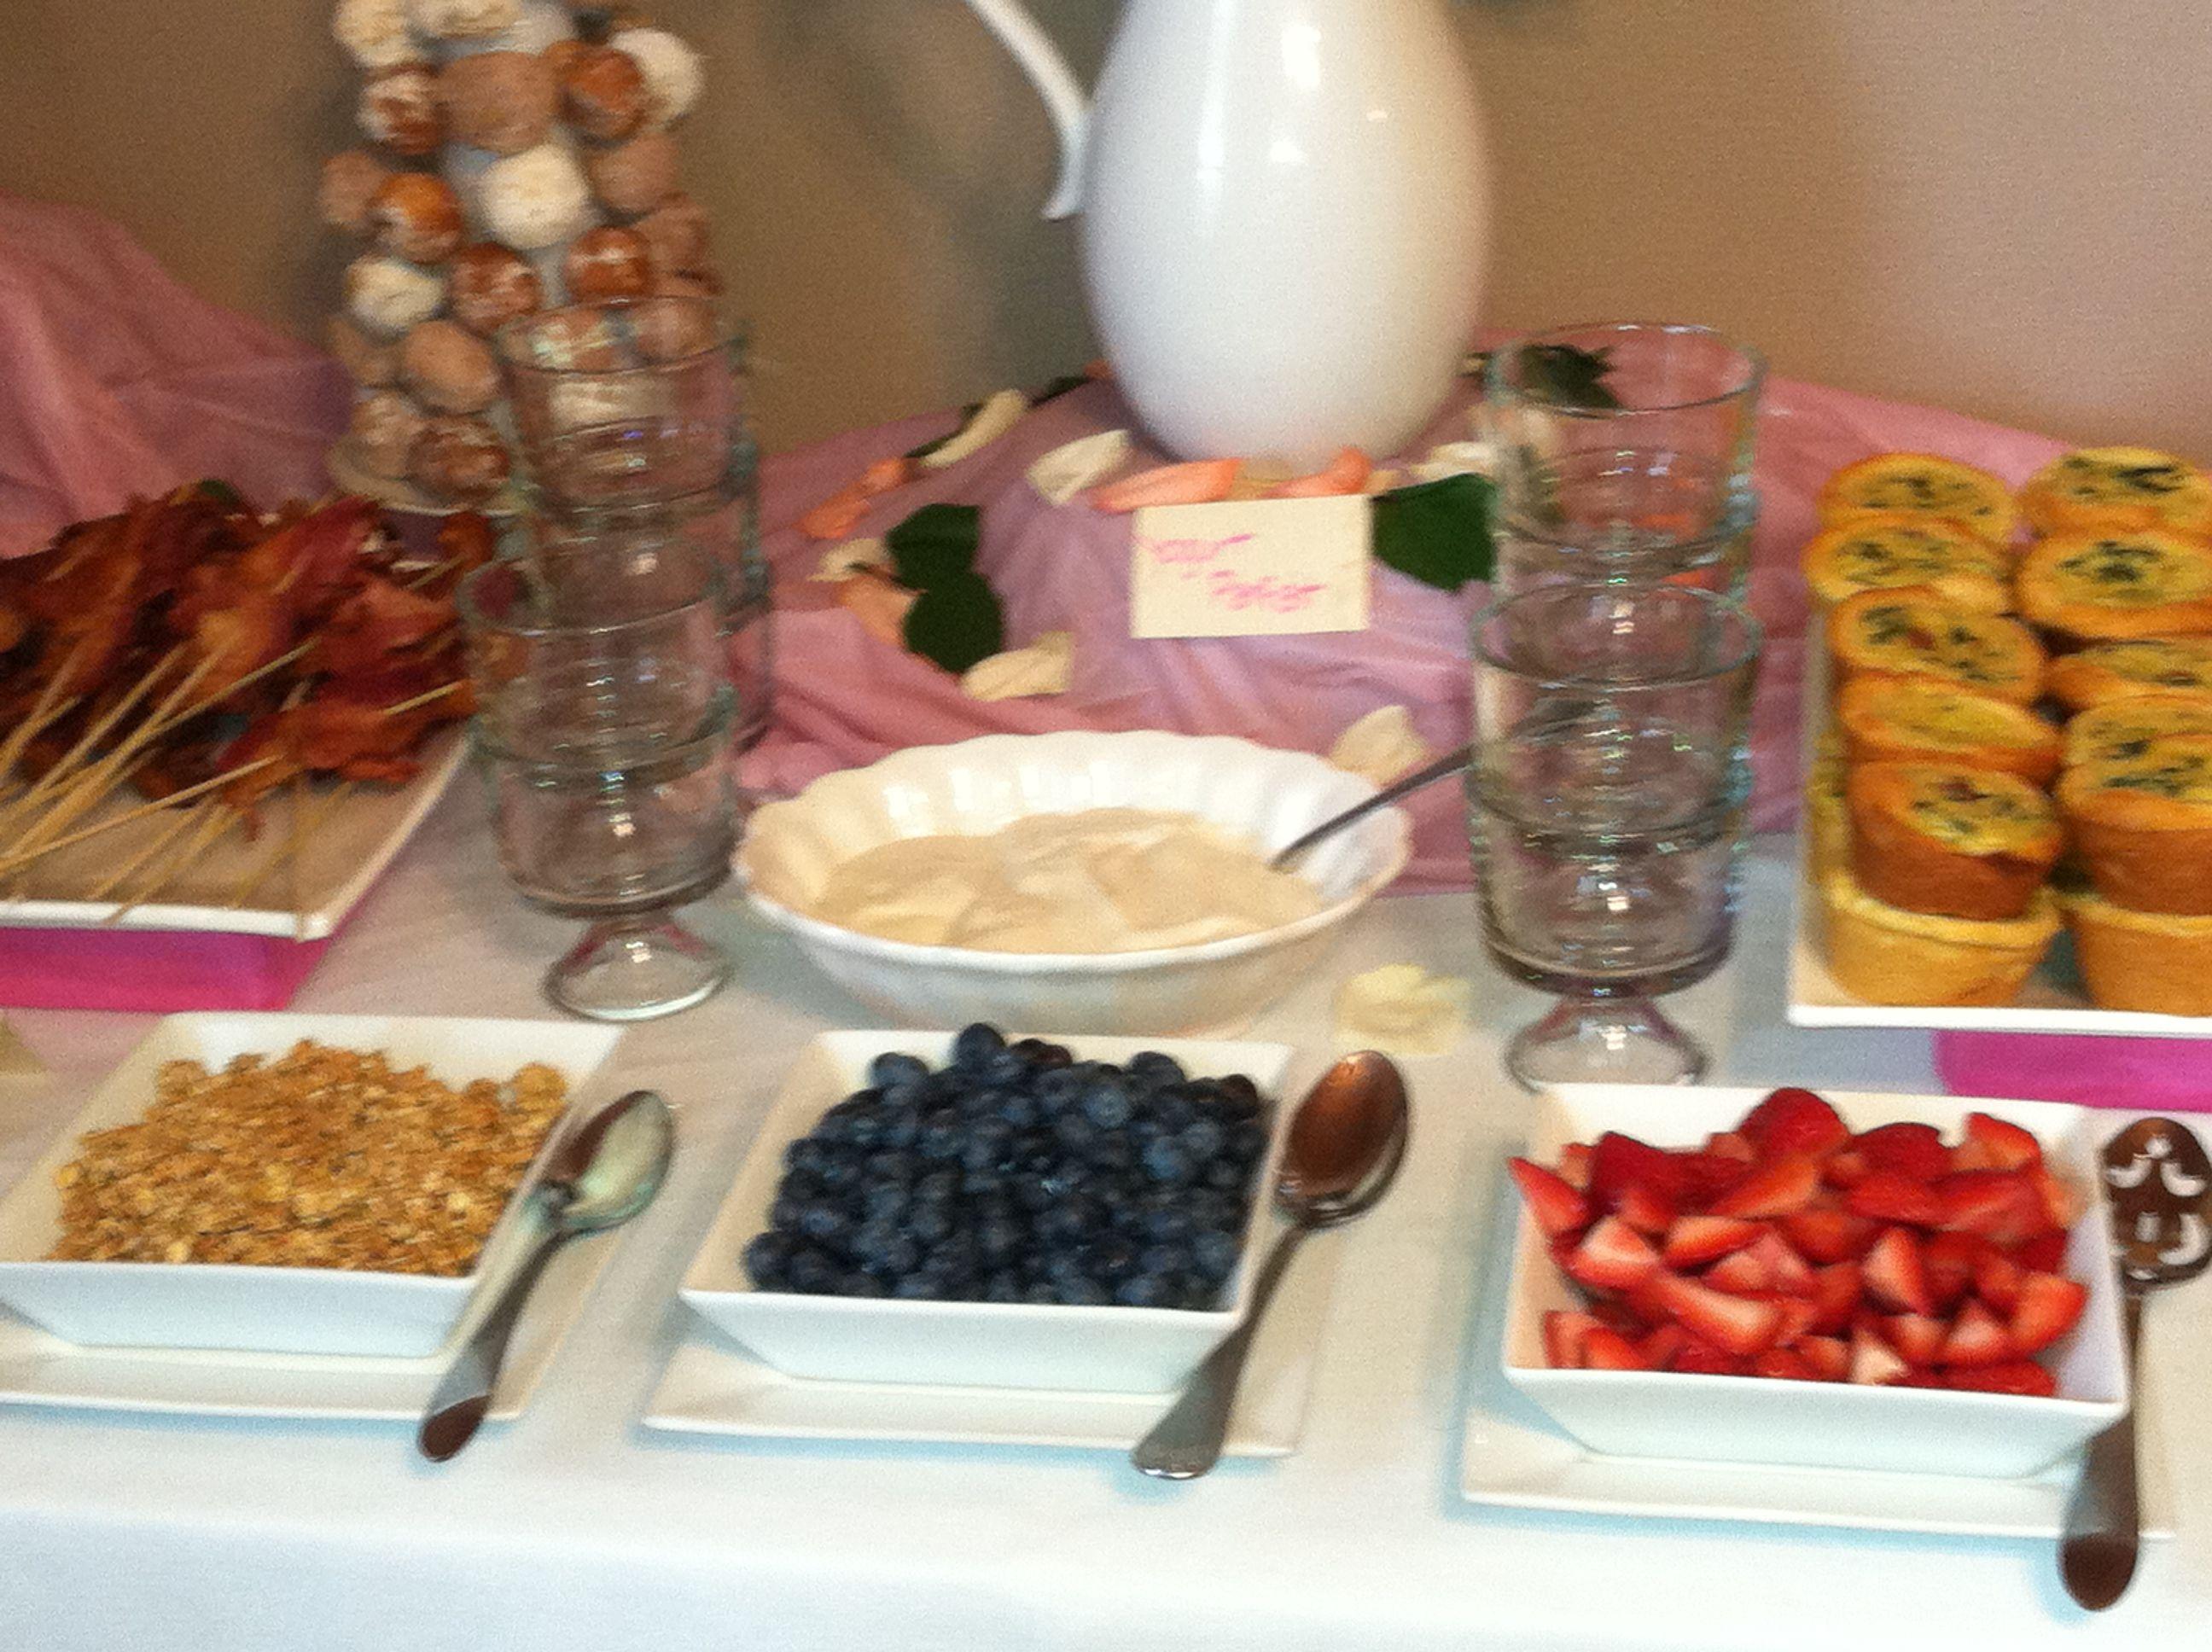 bridal shower yogurt parfait bar for baptism brunch yogurt parfait bar parfait desserts yogurt bar